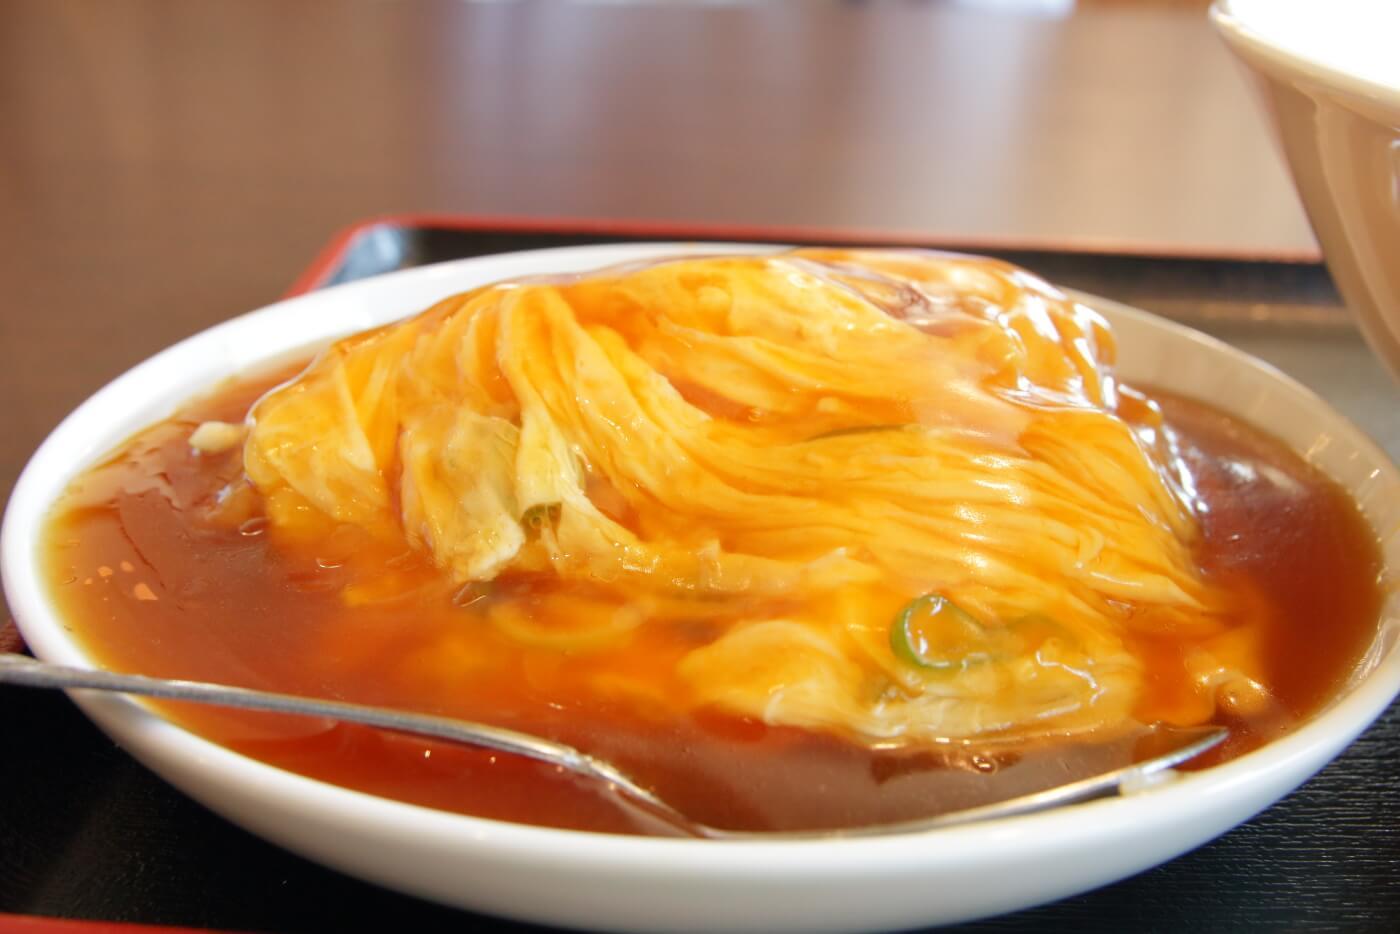 台湾料理鑫旺(シンオウ)ランチの天津飯 高知市大津